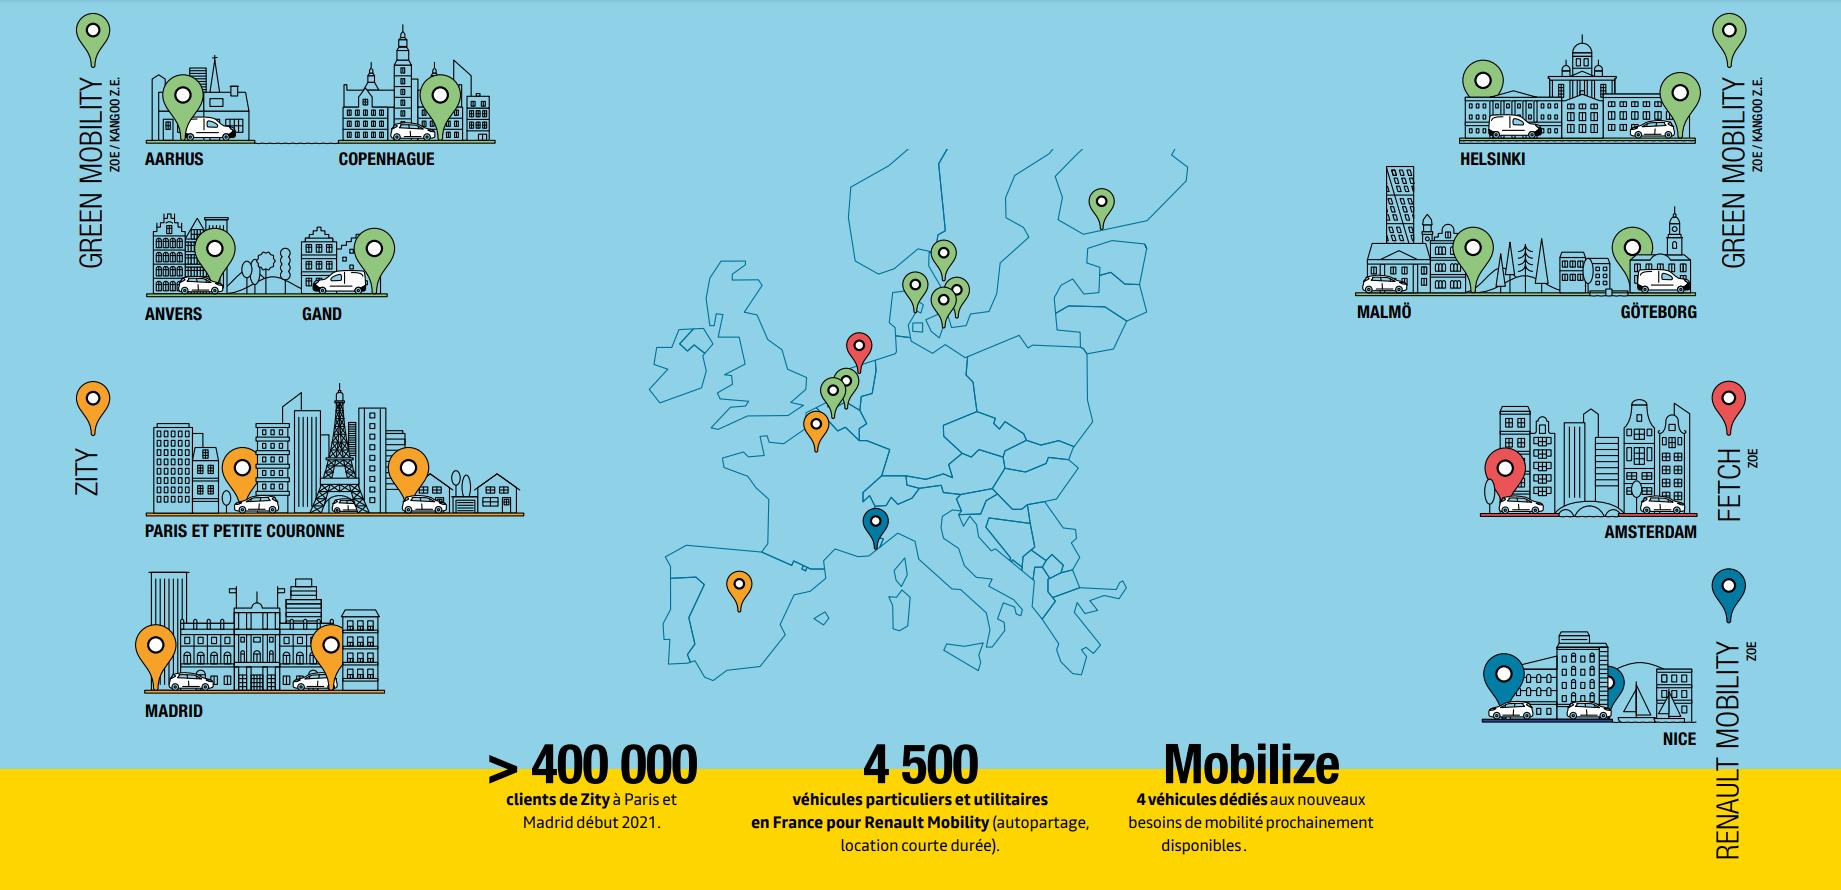 parc electrique partage en europe